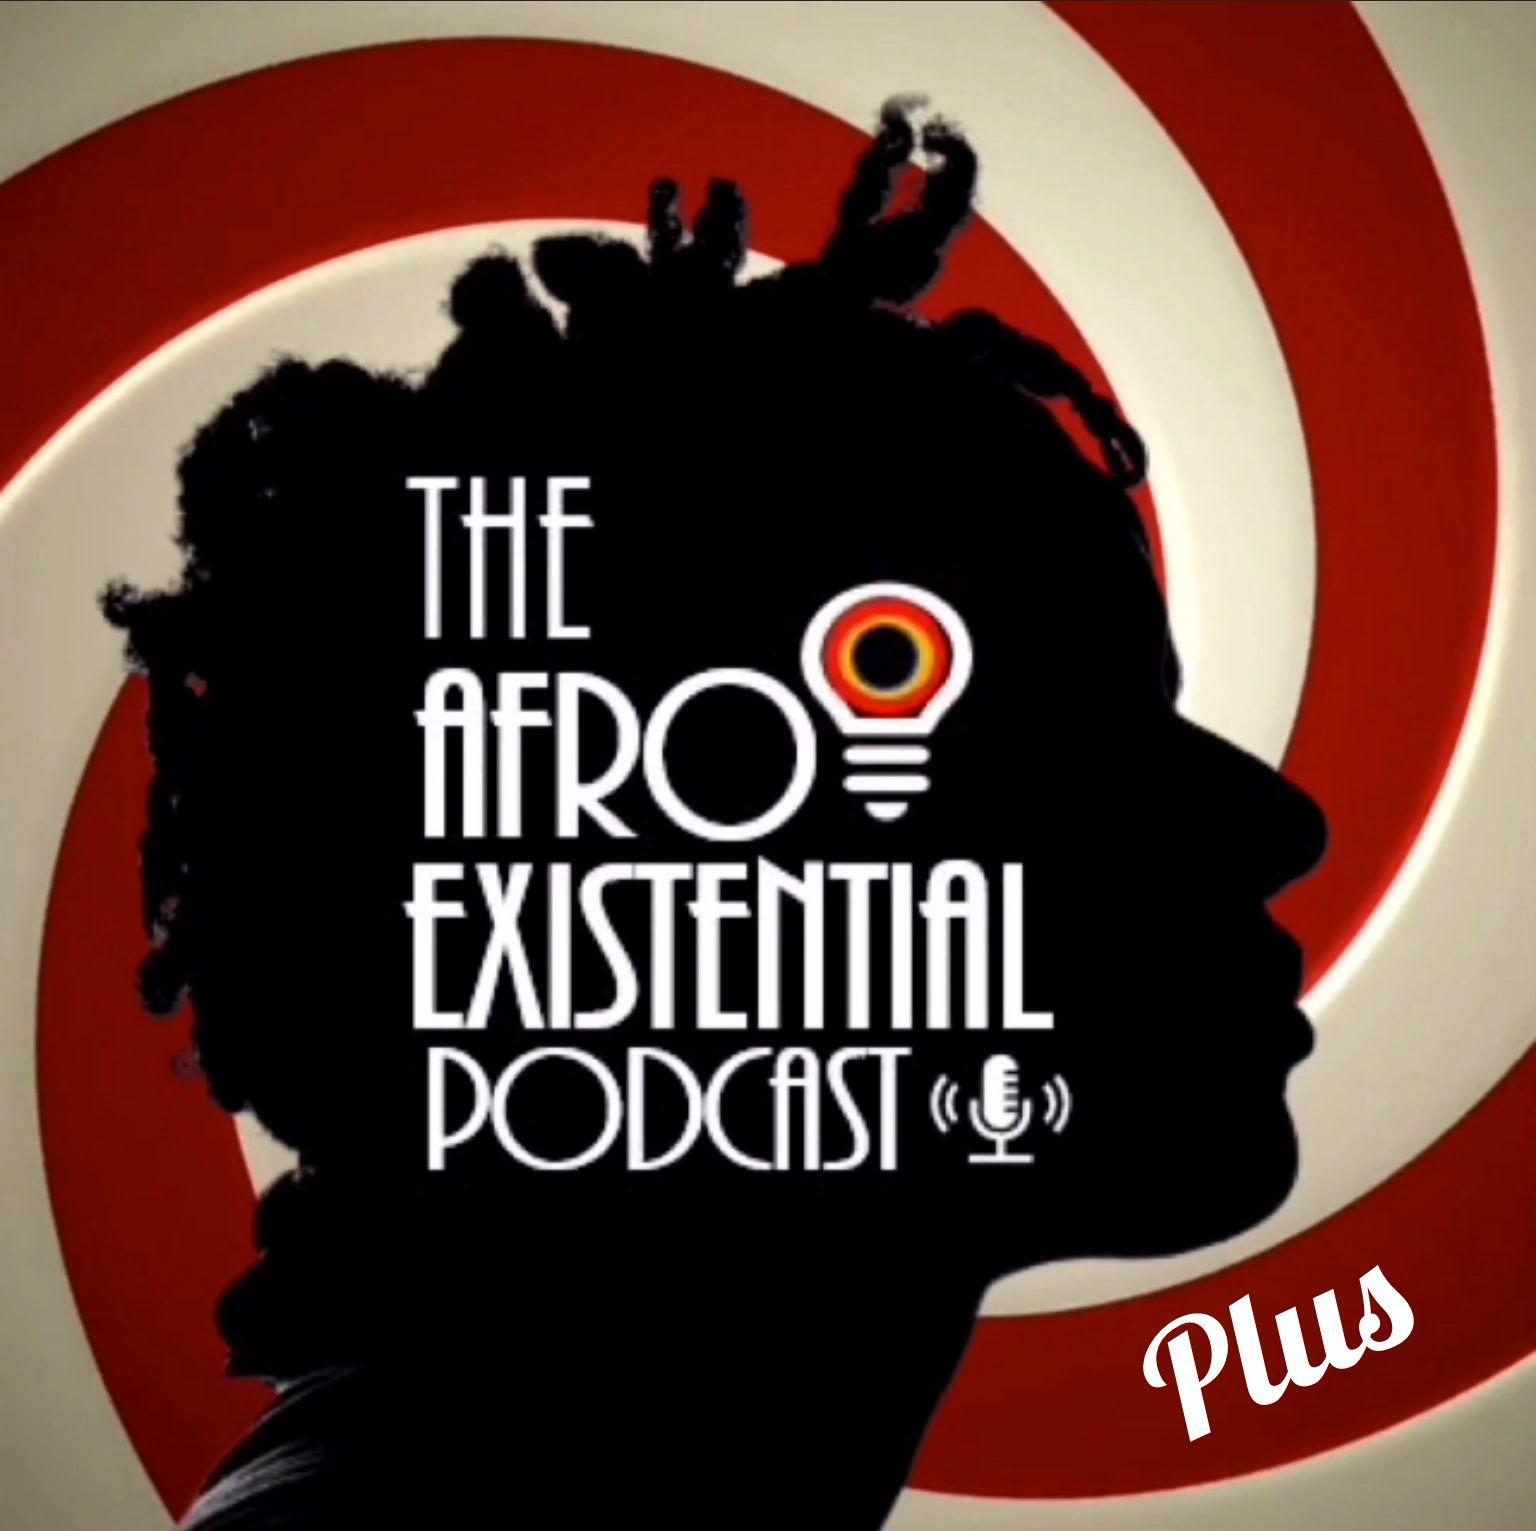 AFRO-EX [+]   MEET THE HOSTS